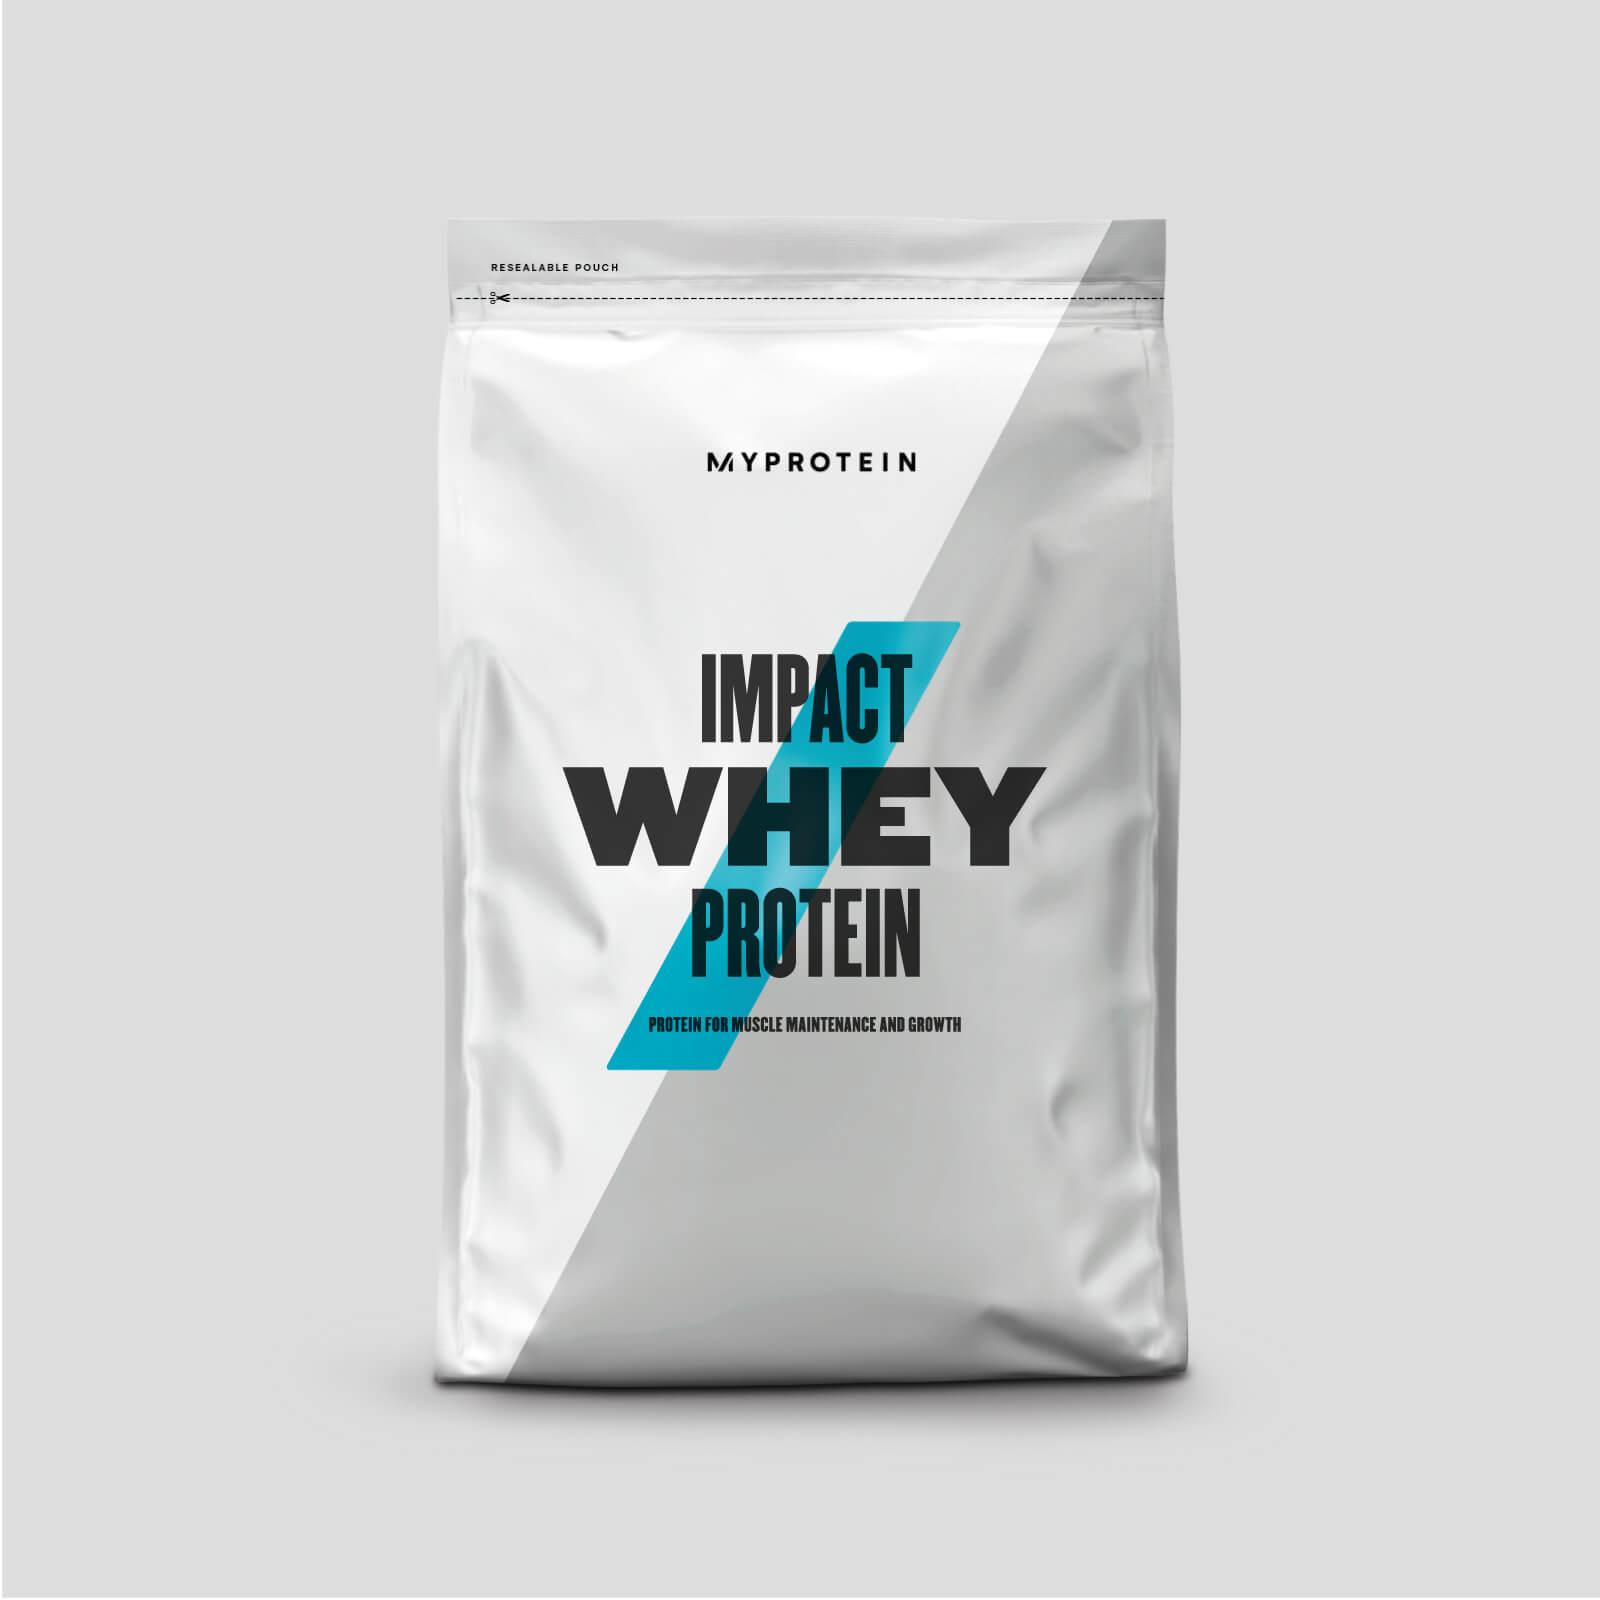 MyProtein Impact Whey Protein - 1kg - Cereal Milk